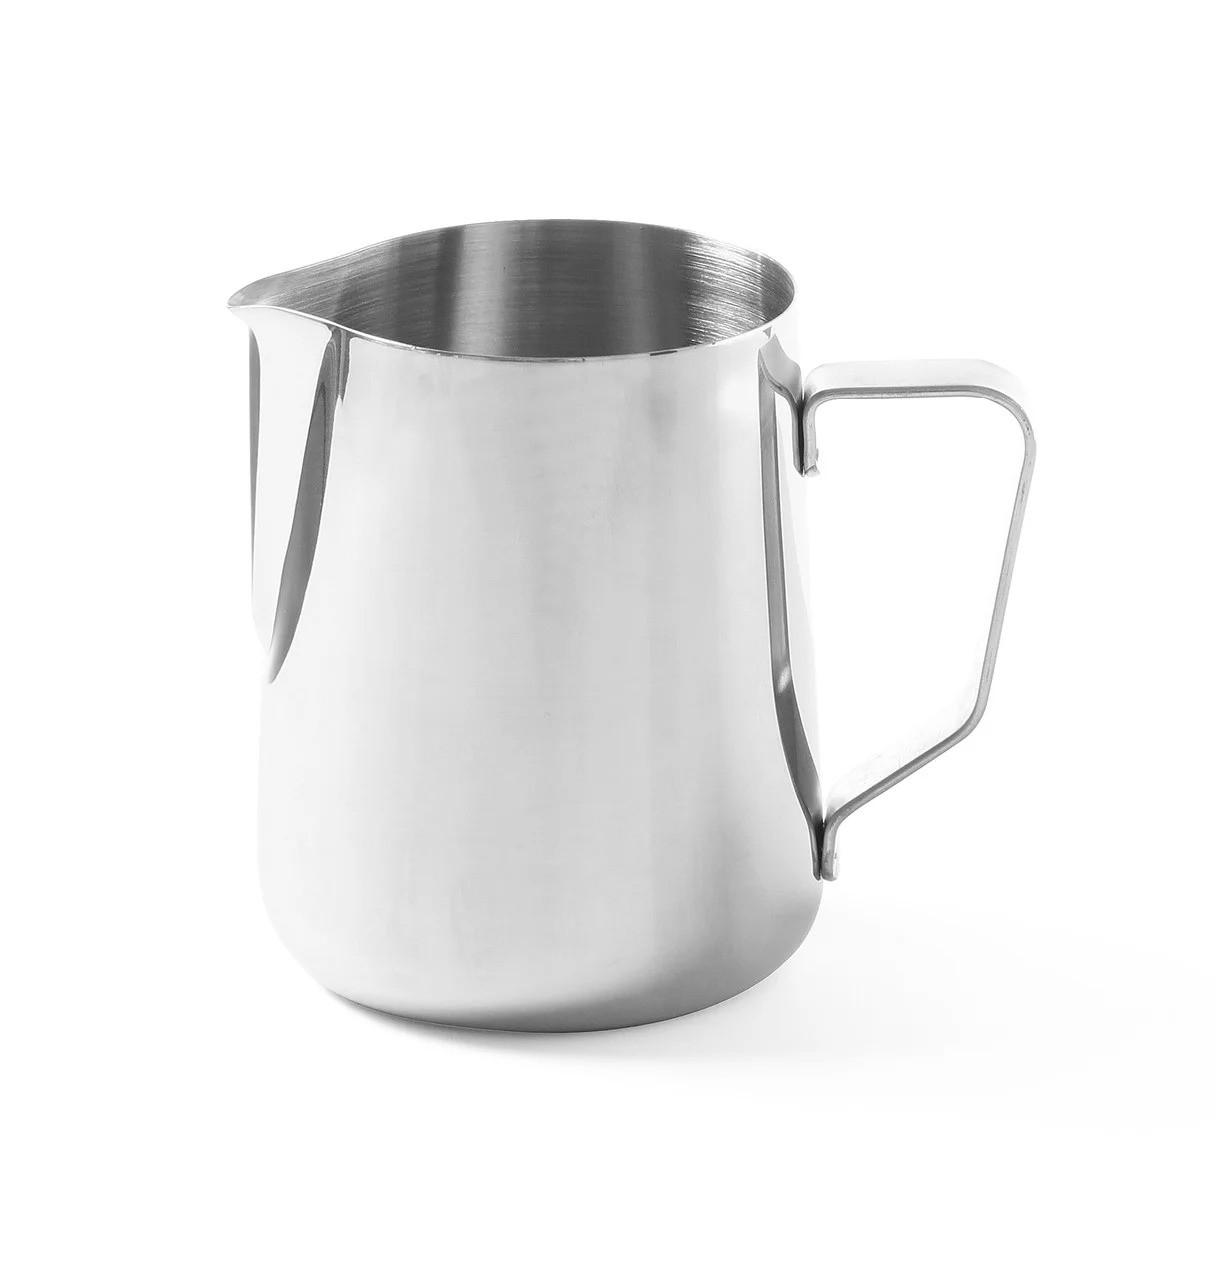 Молочник - джагг Hendi 900 мл для взбивания молока из нержавеющей стали (451526)